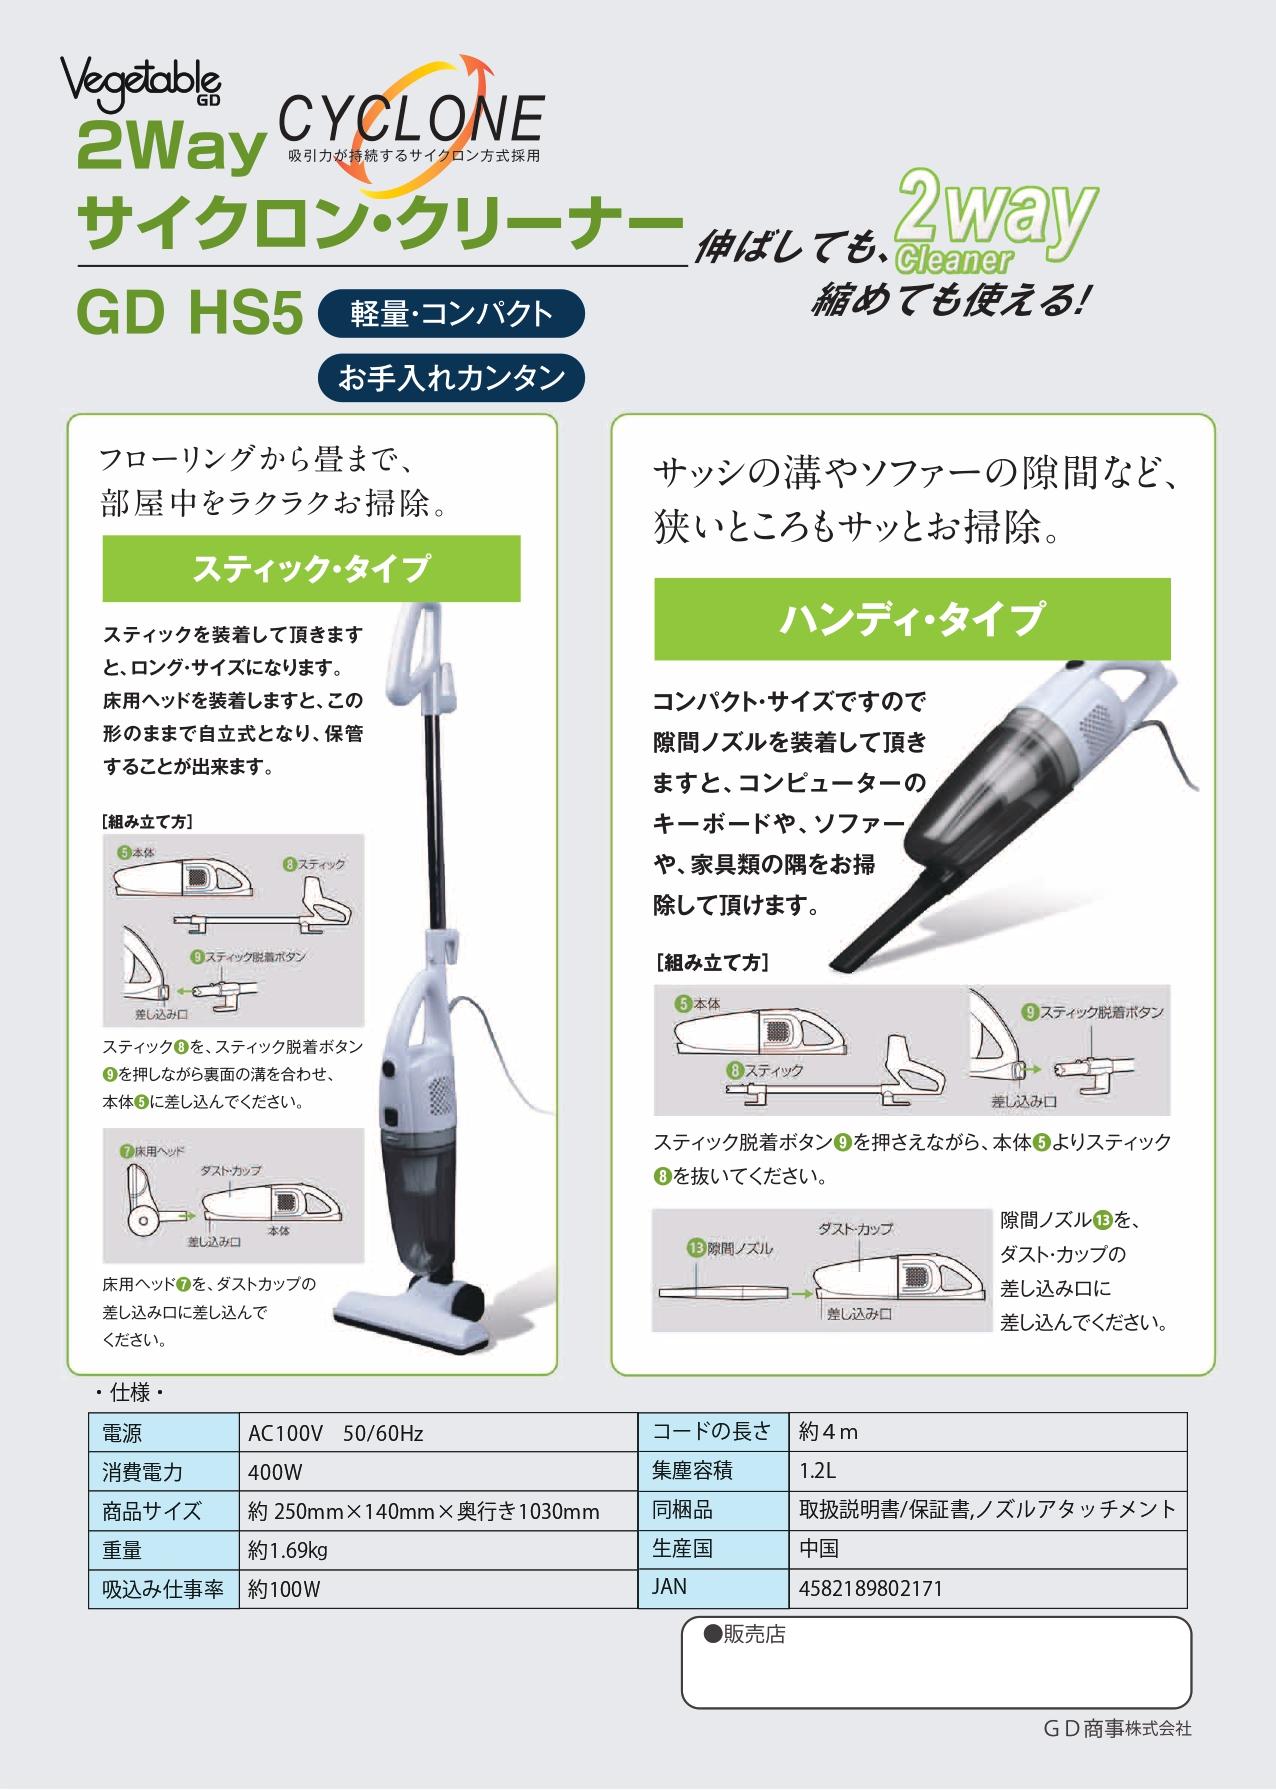 GD-HS5